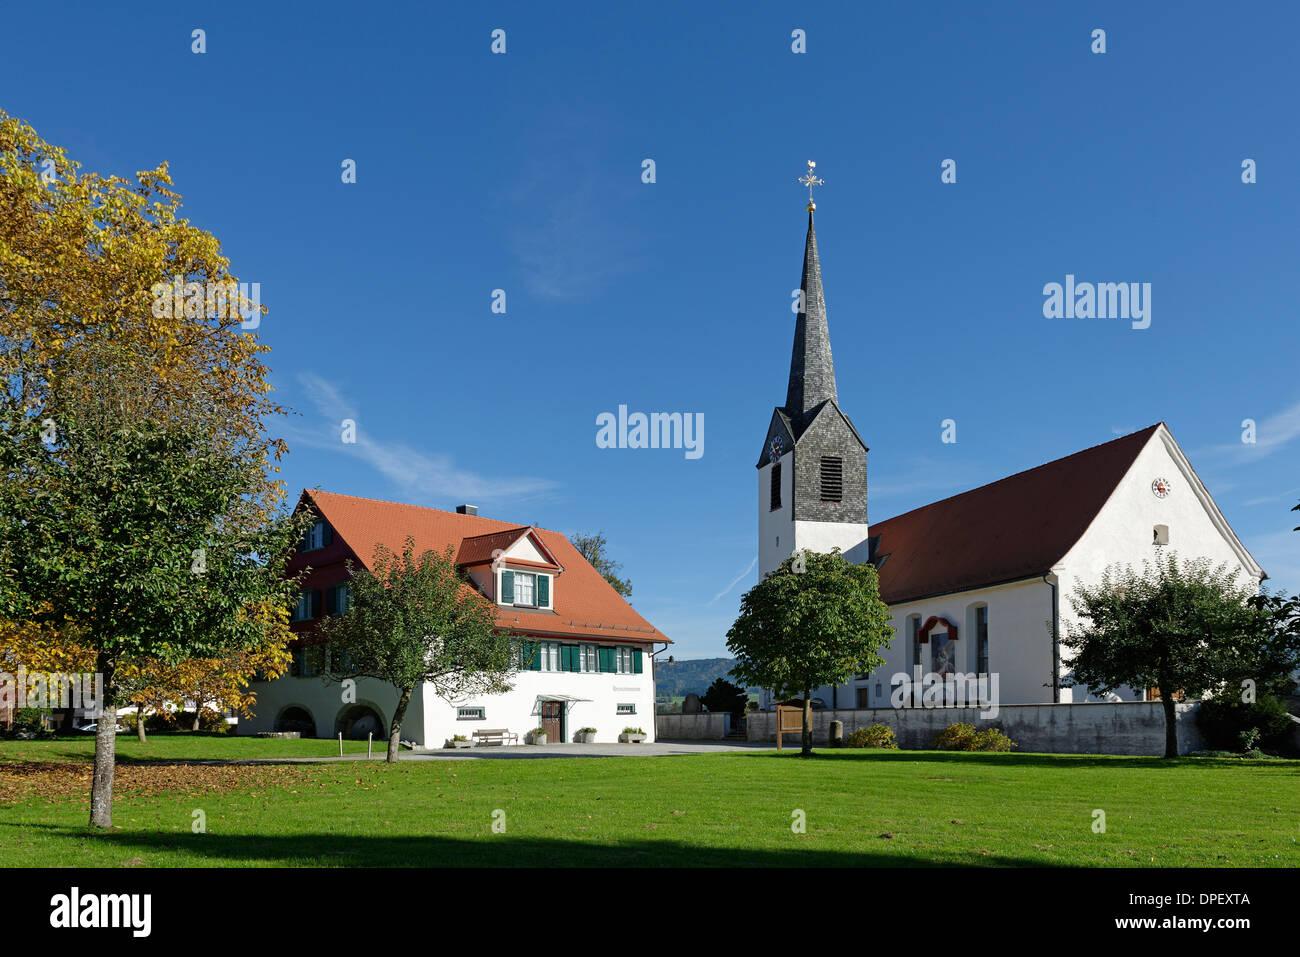 Museo de historia local y la iglesia parroquial de San Ambrosio, Hergensweiler, suabia, Baviera, Alemania, Imagen De Stock